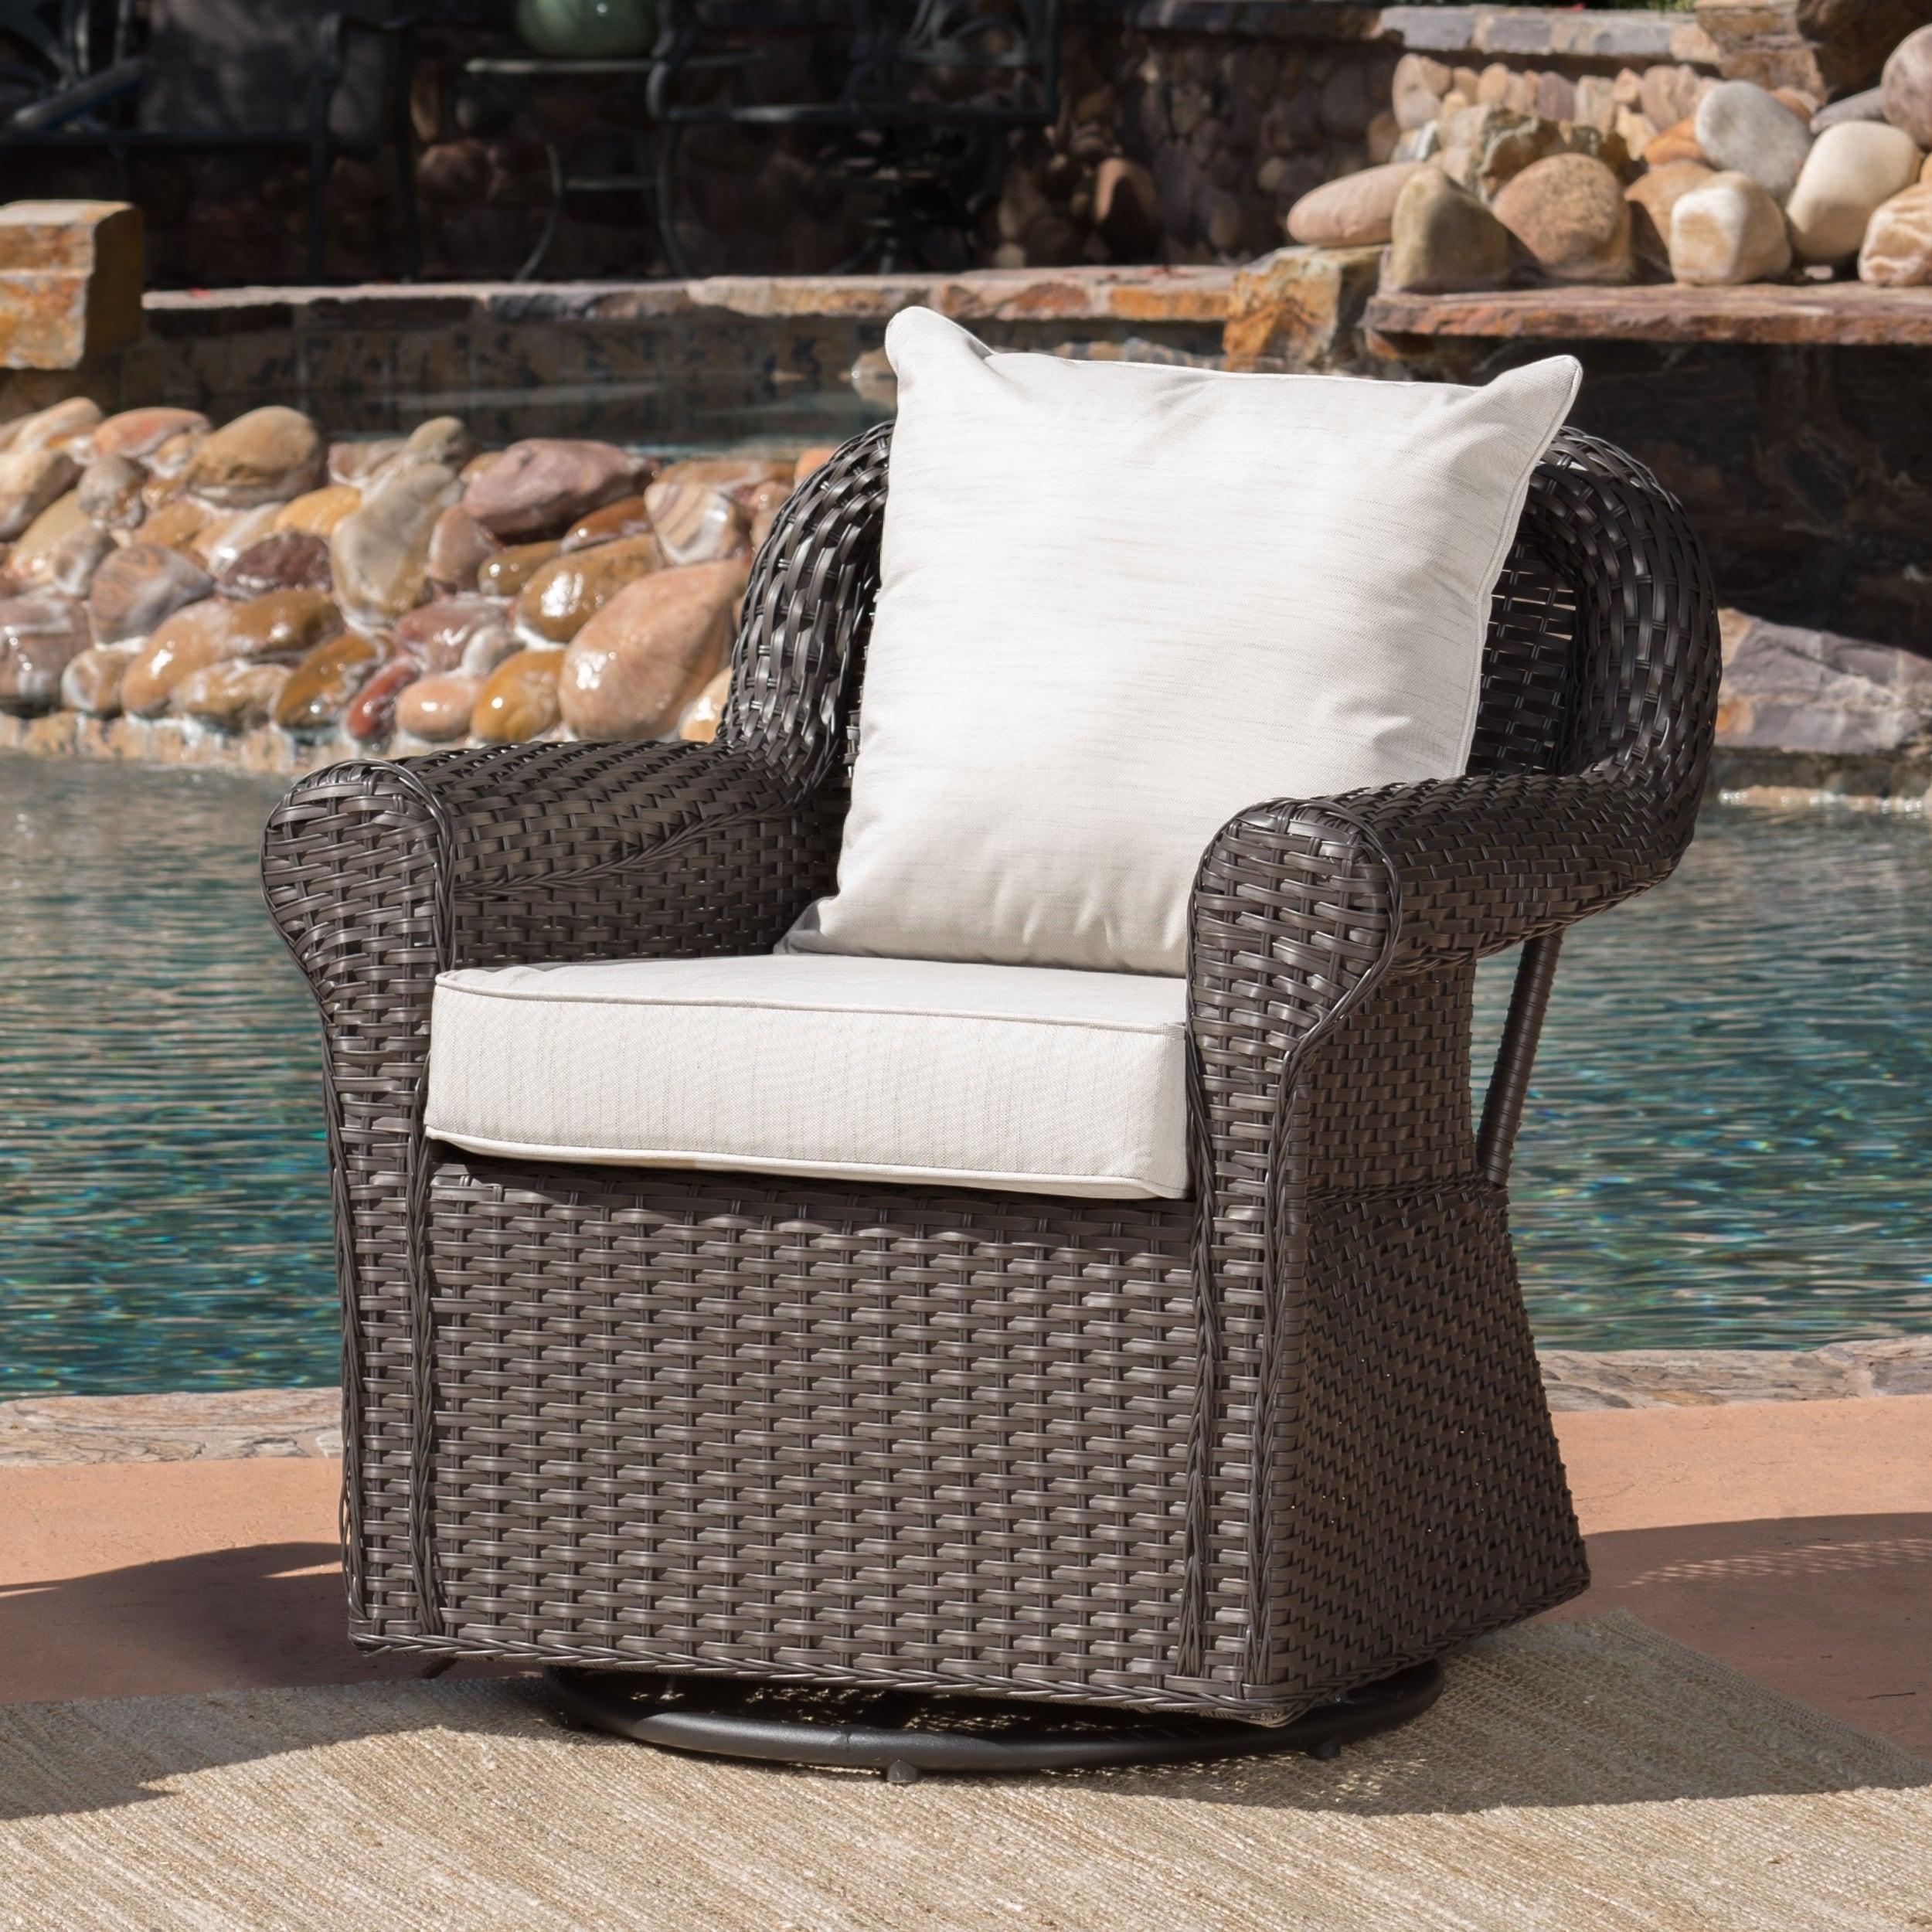 Outdoor Wicker Swivel Rocking Chair